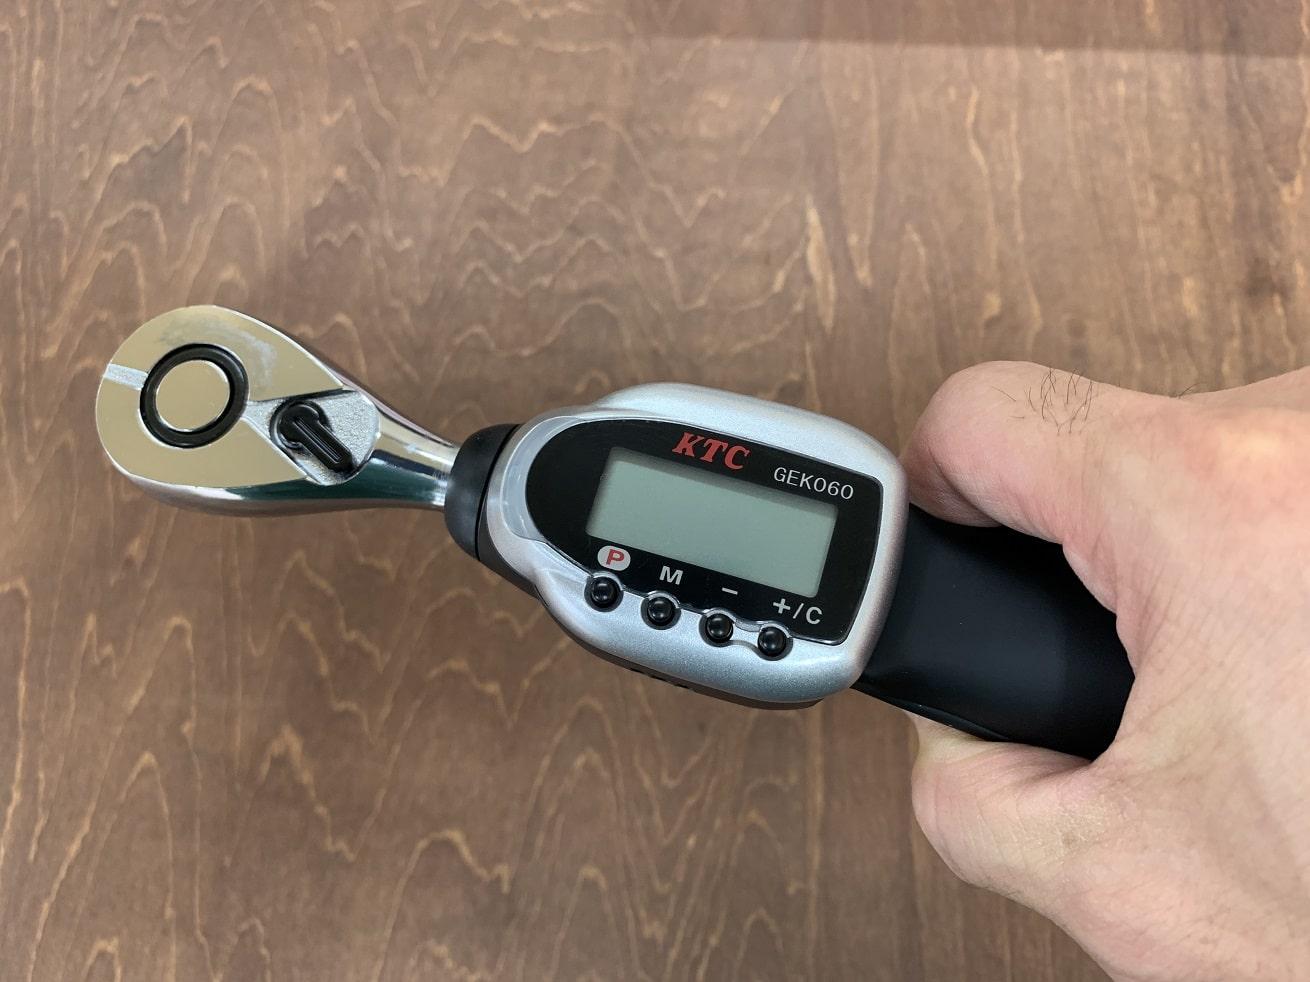 KTCデジラチェ GEK060-R3を手に持つ